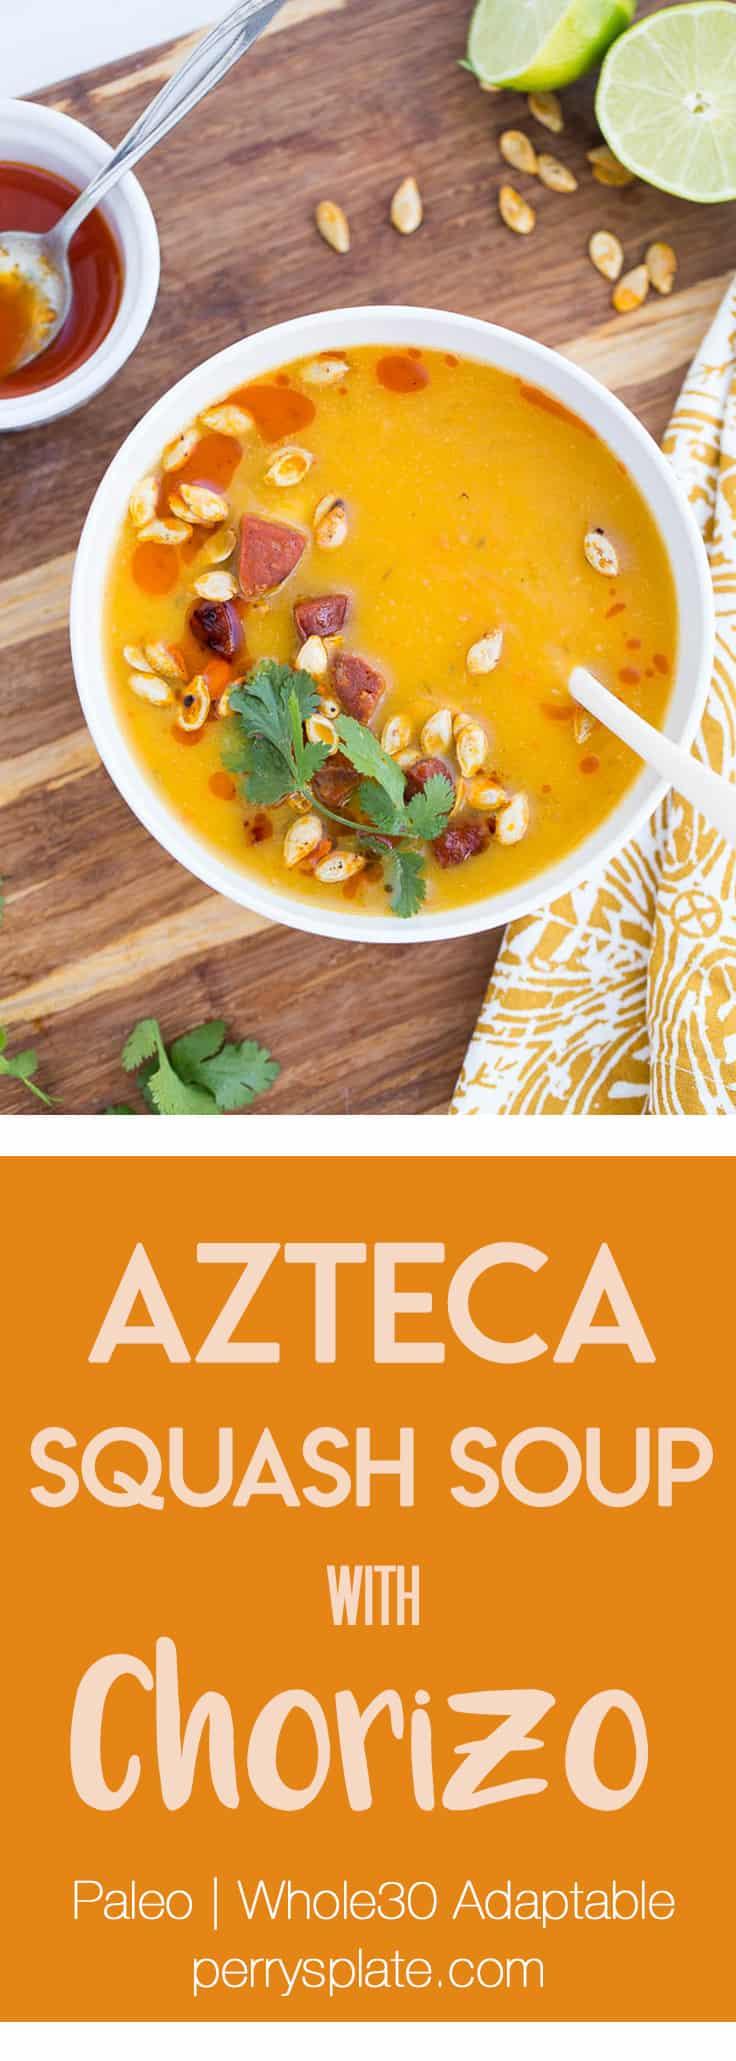 Azteca Squash Soup with Chorizo | paleo recipes | Whole30 recipes | soup recipes | gluten-free recipes | dairy-free recipes | perrysplate.com